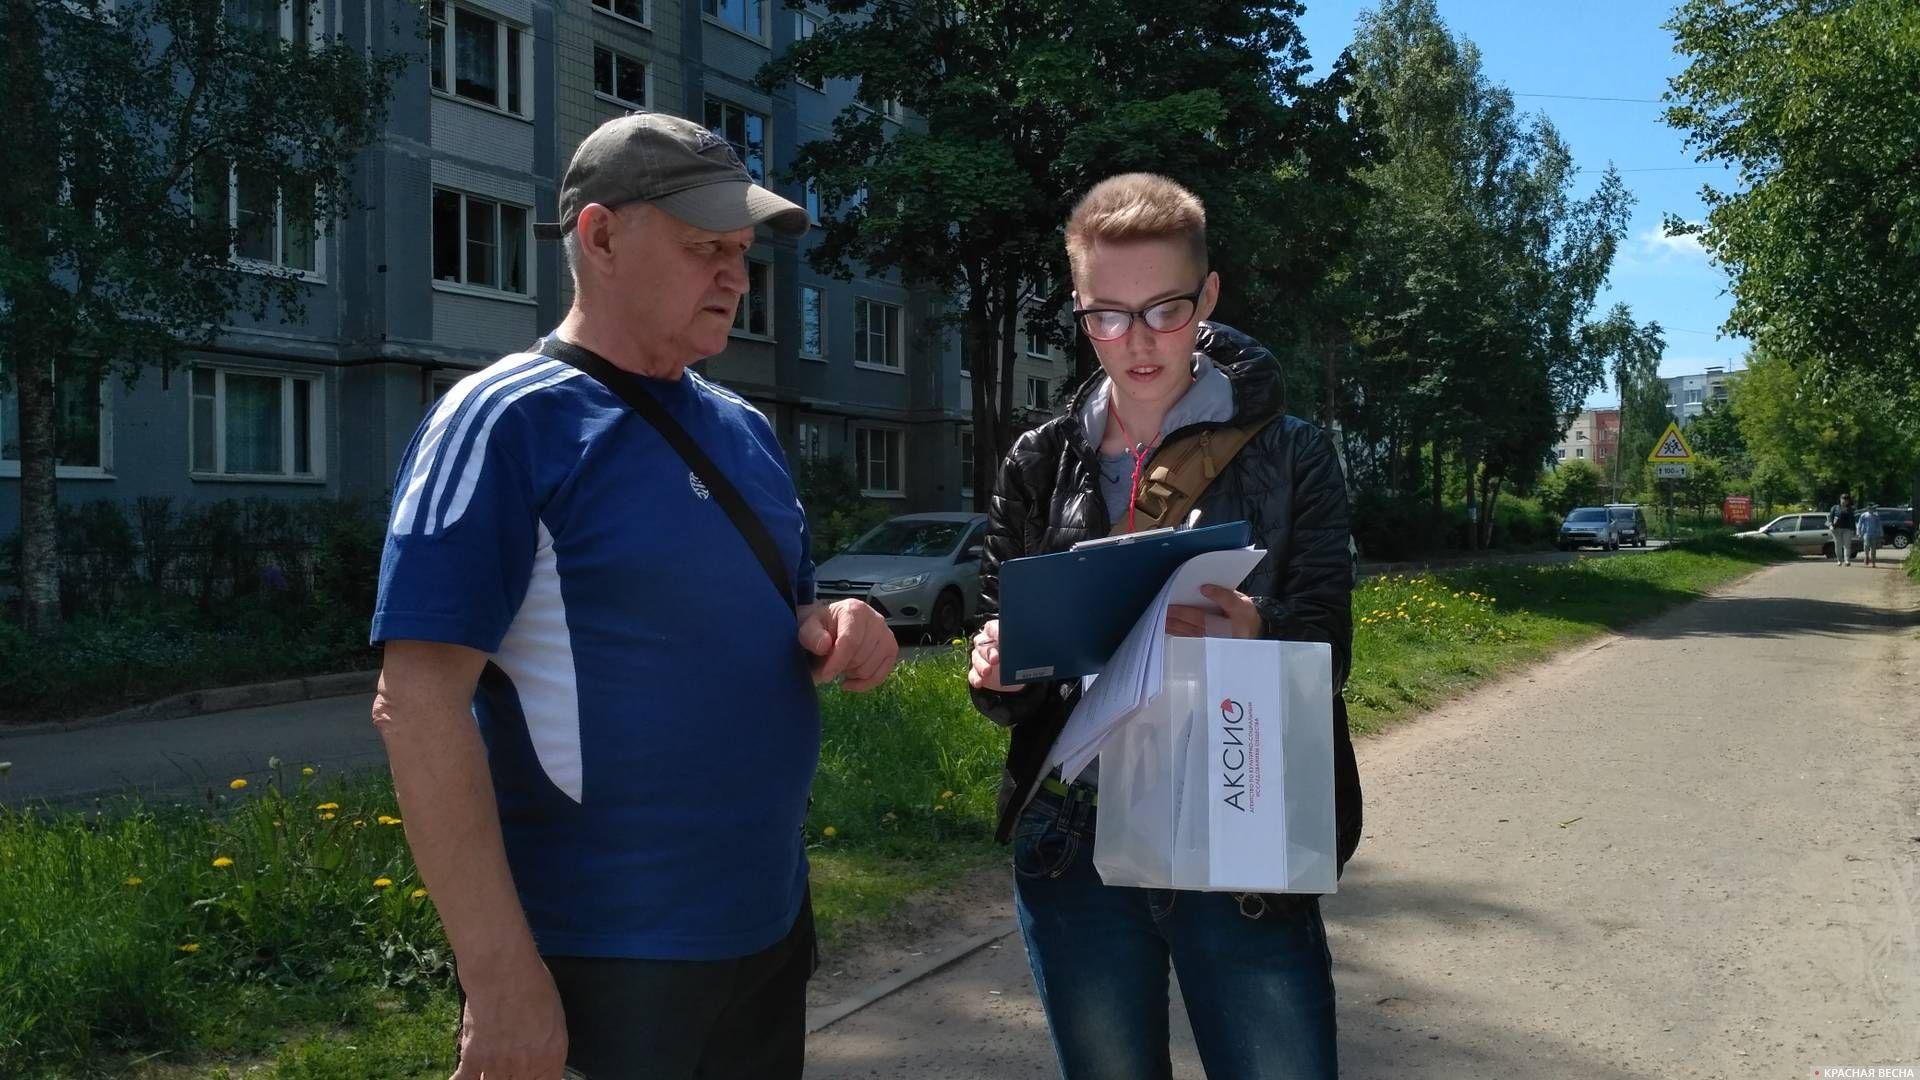 20180602_15-00-В Гатчине начался соцопрос об отношении к замене советских топонимов-pic1